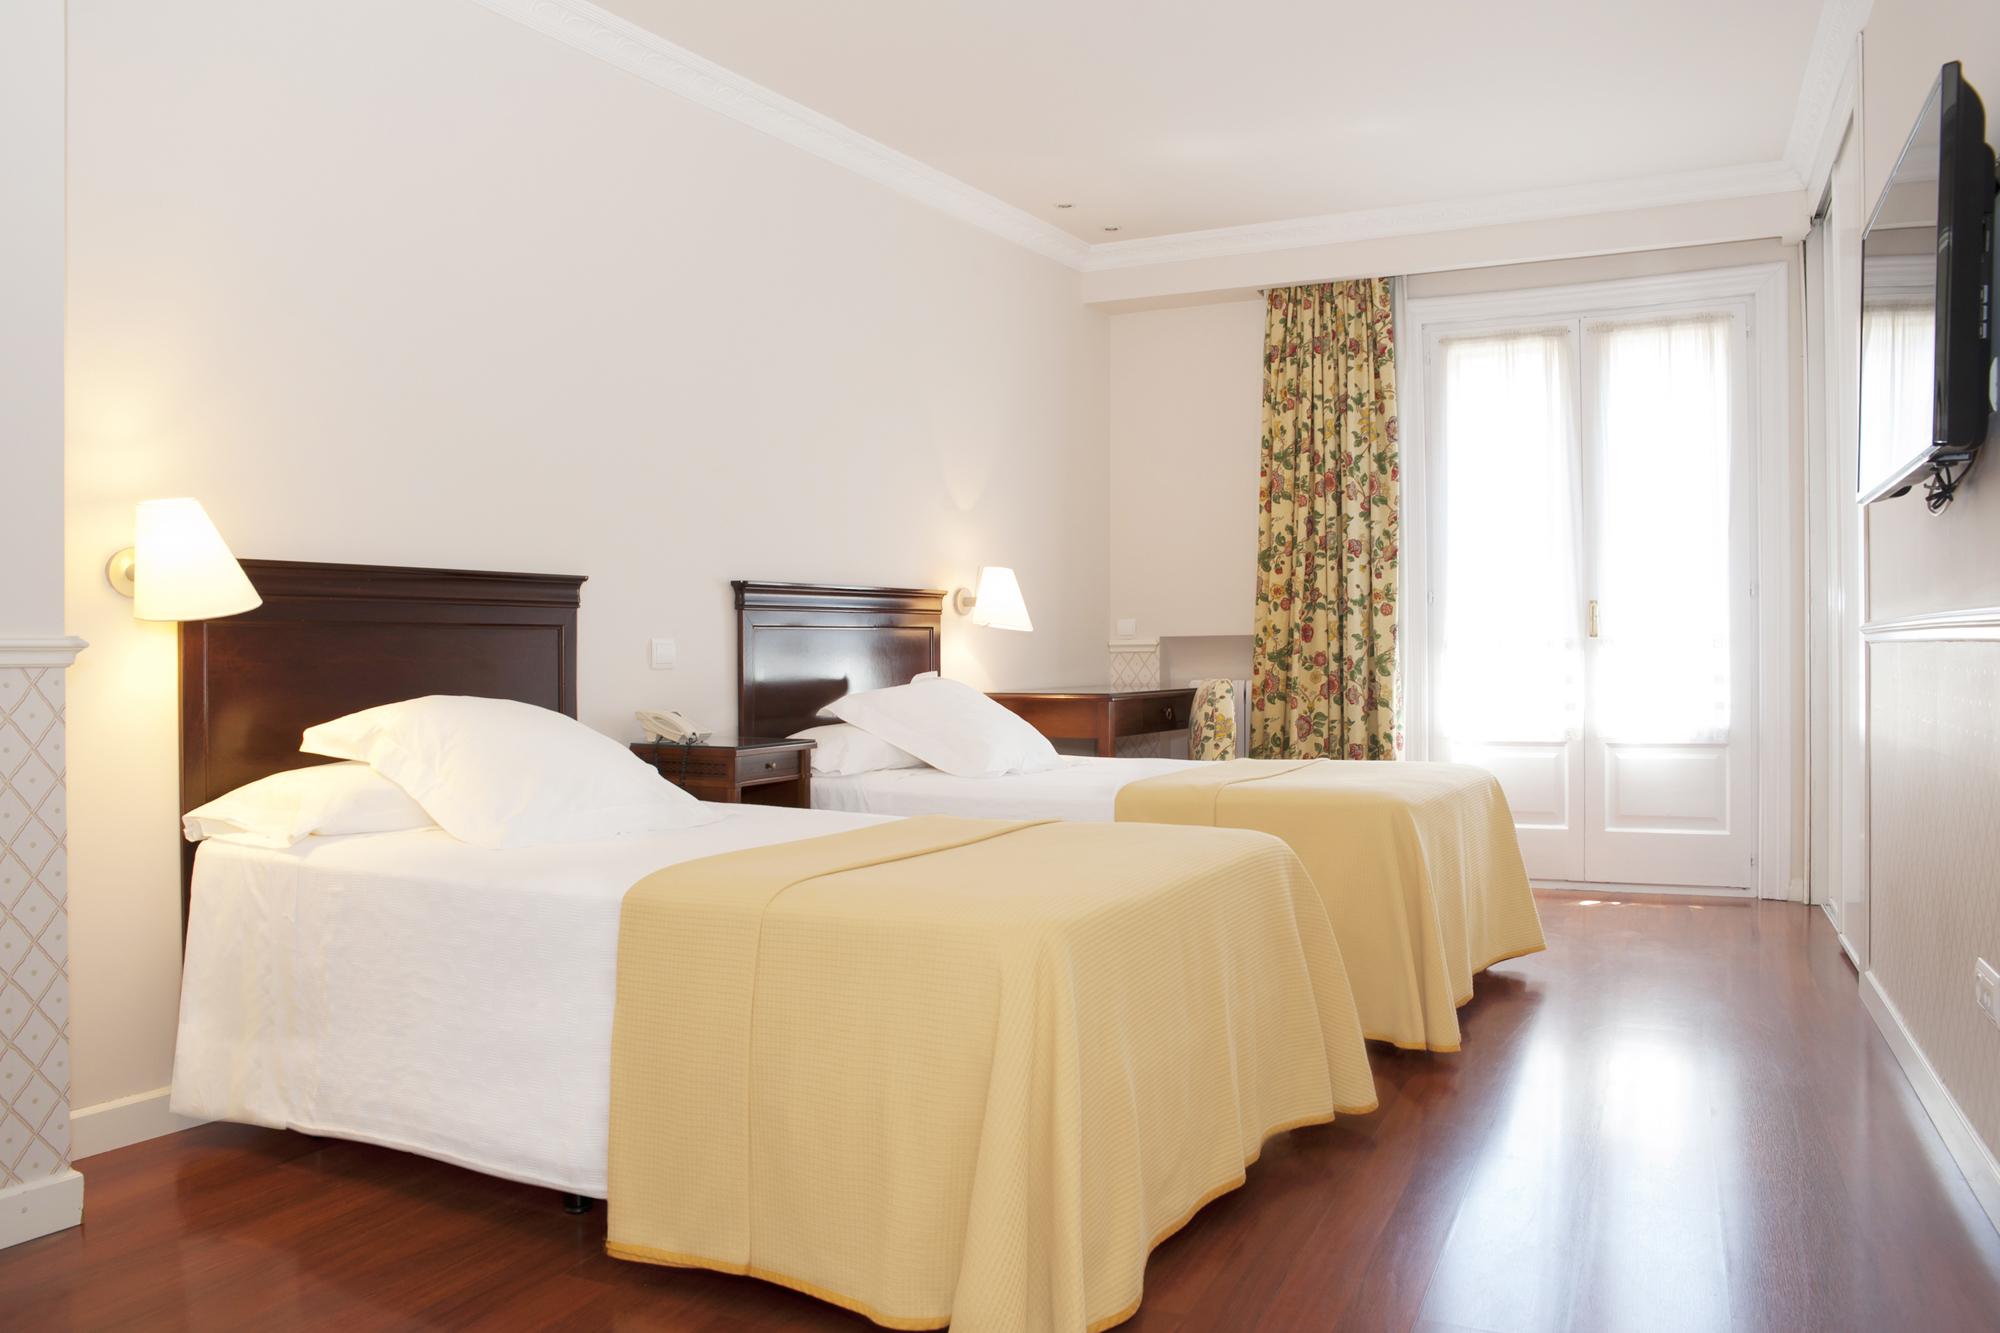 Habitaci n doble en el centro de zaragoza hotel sauce for Precio habitacion hotel